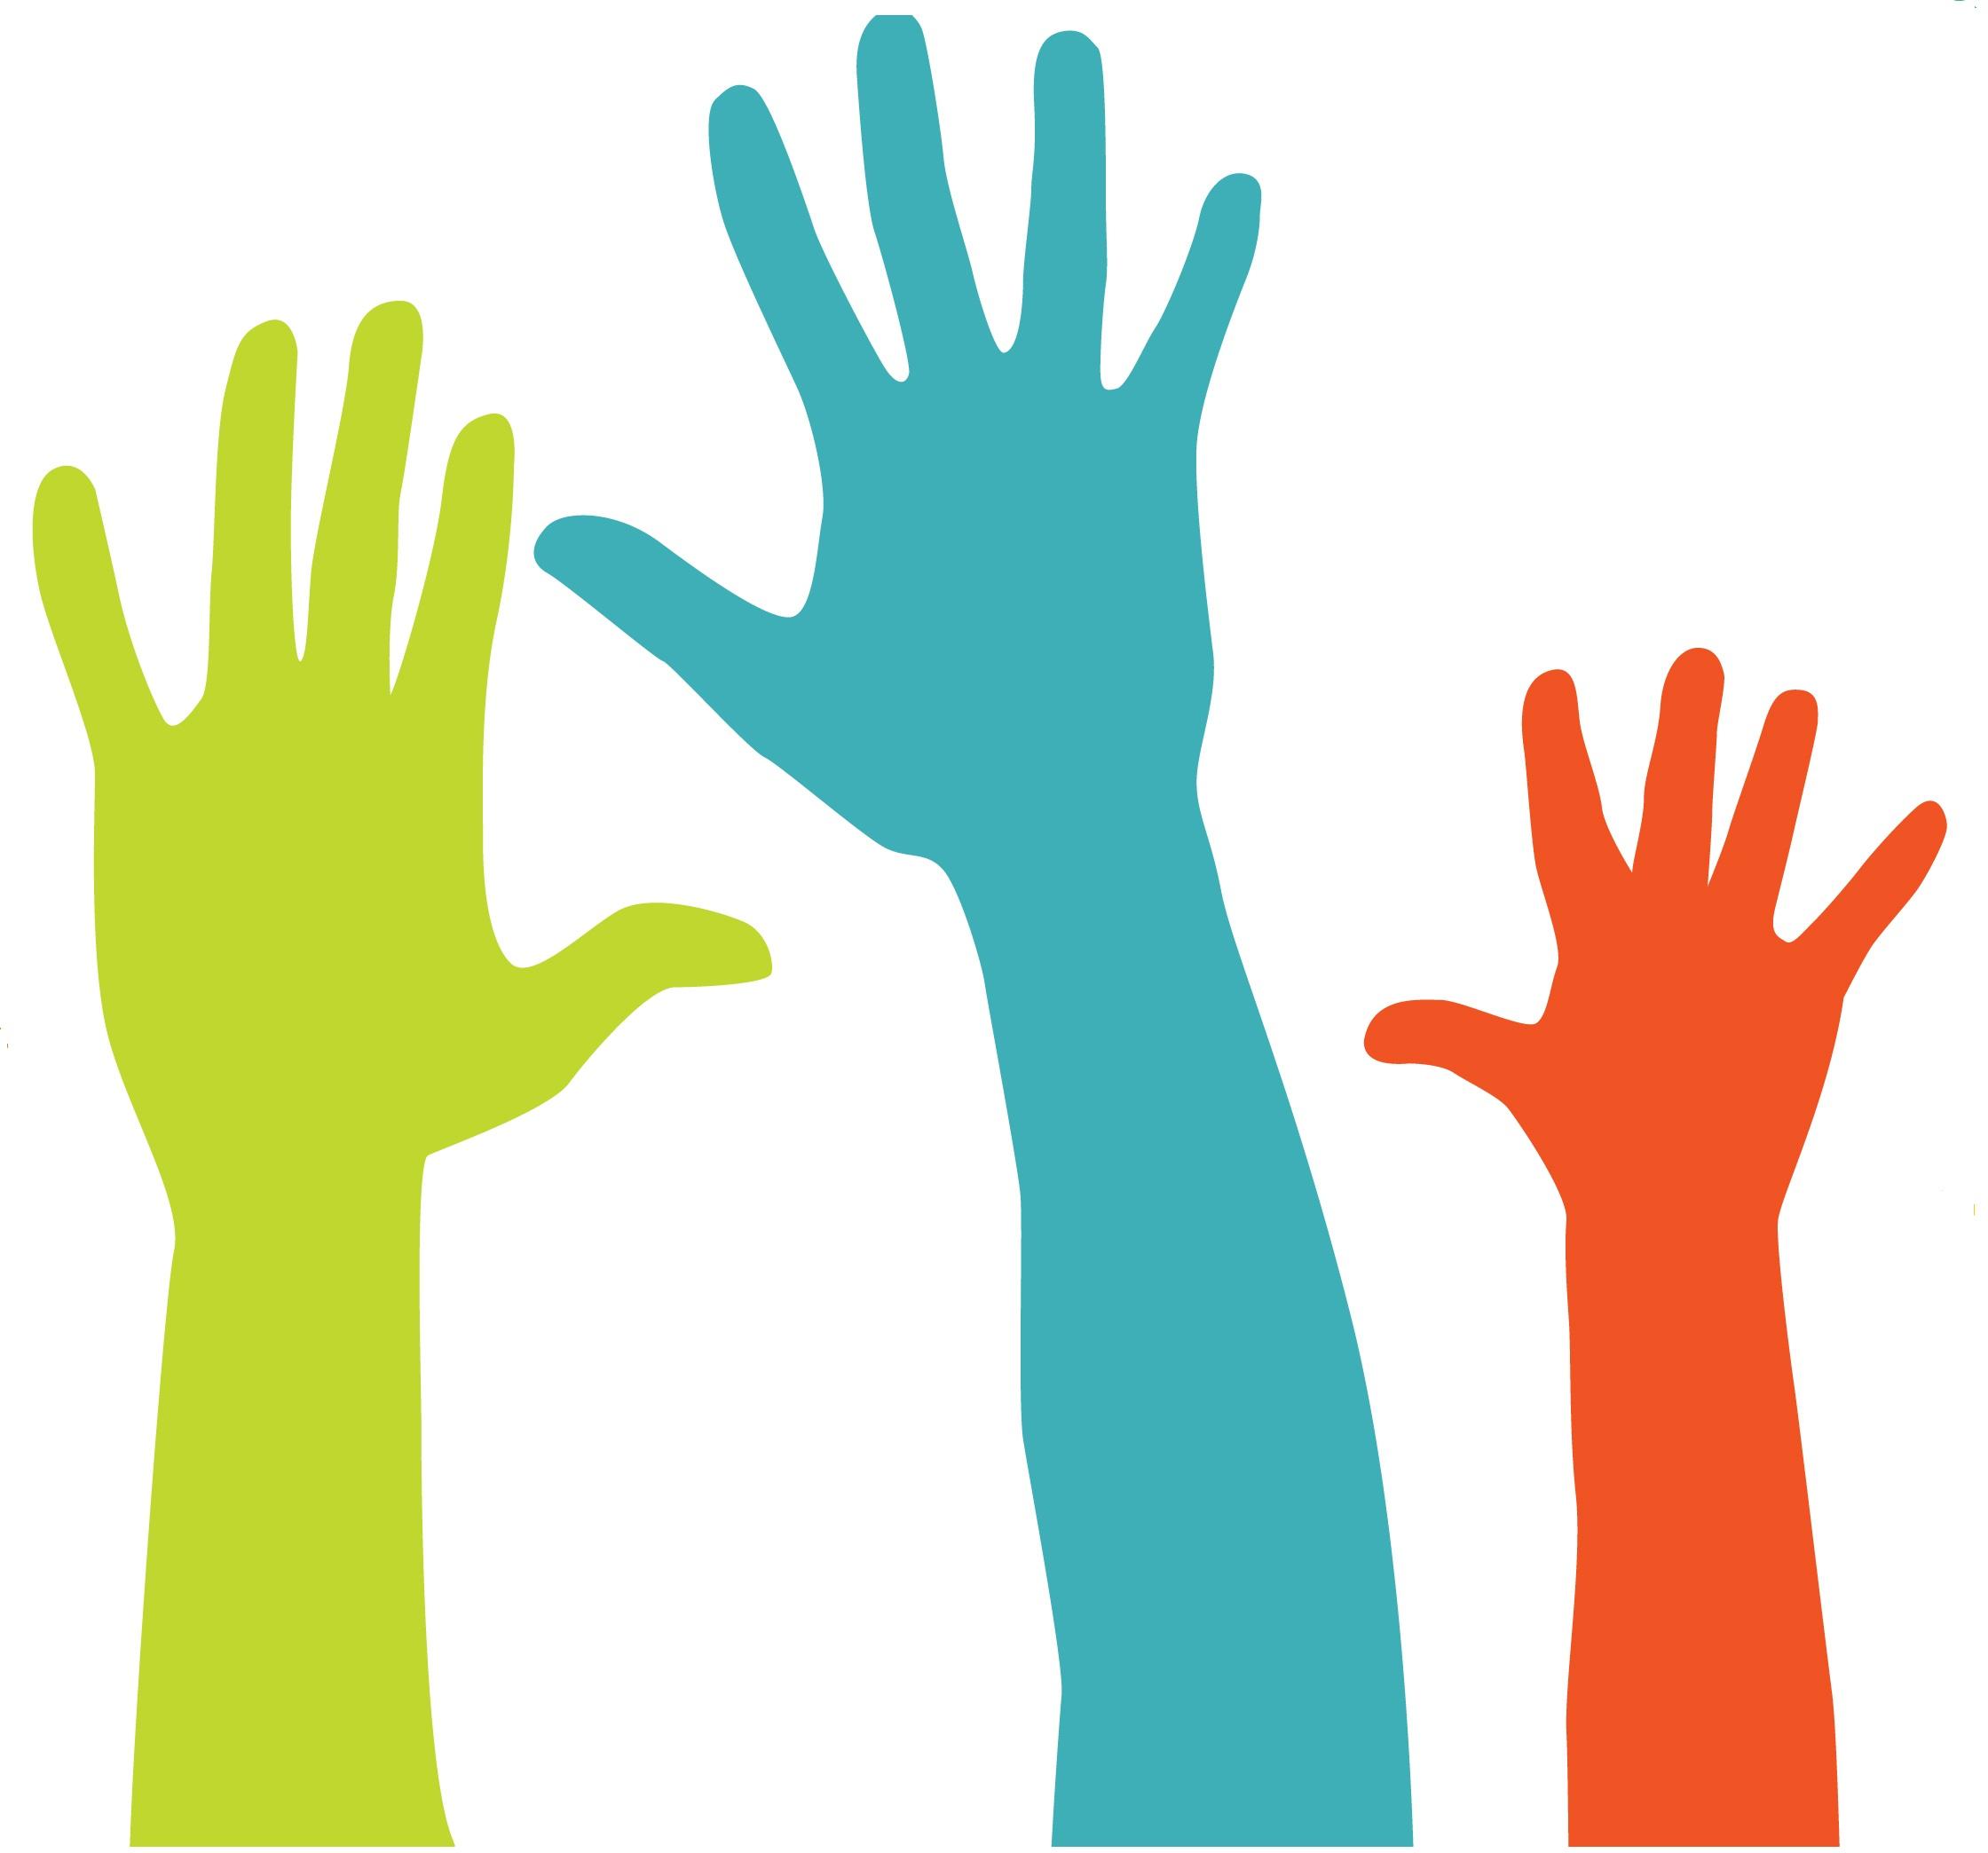 Color hand clipart jpg transparent Raise Hand Clipart   Free download best Raise Hand Clipart on ... jpg transparent